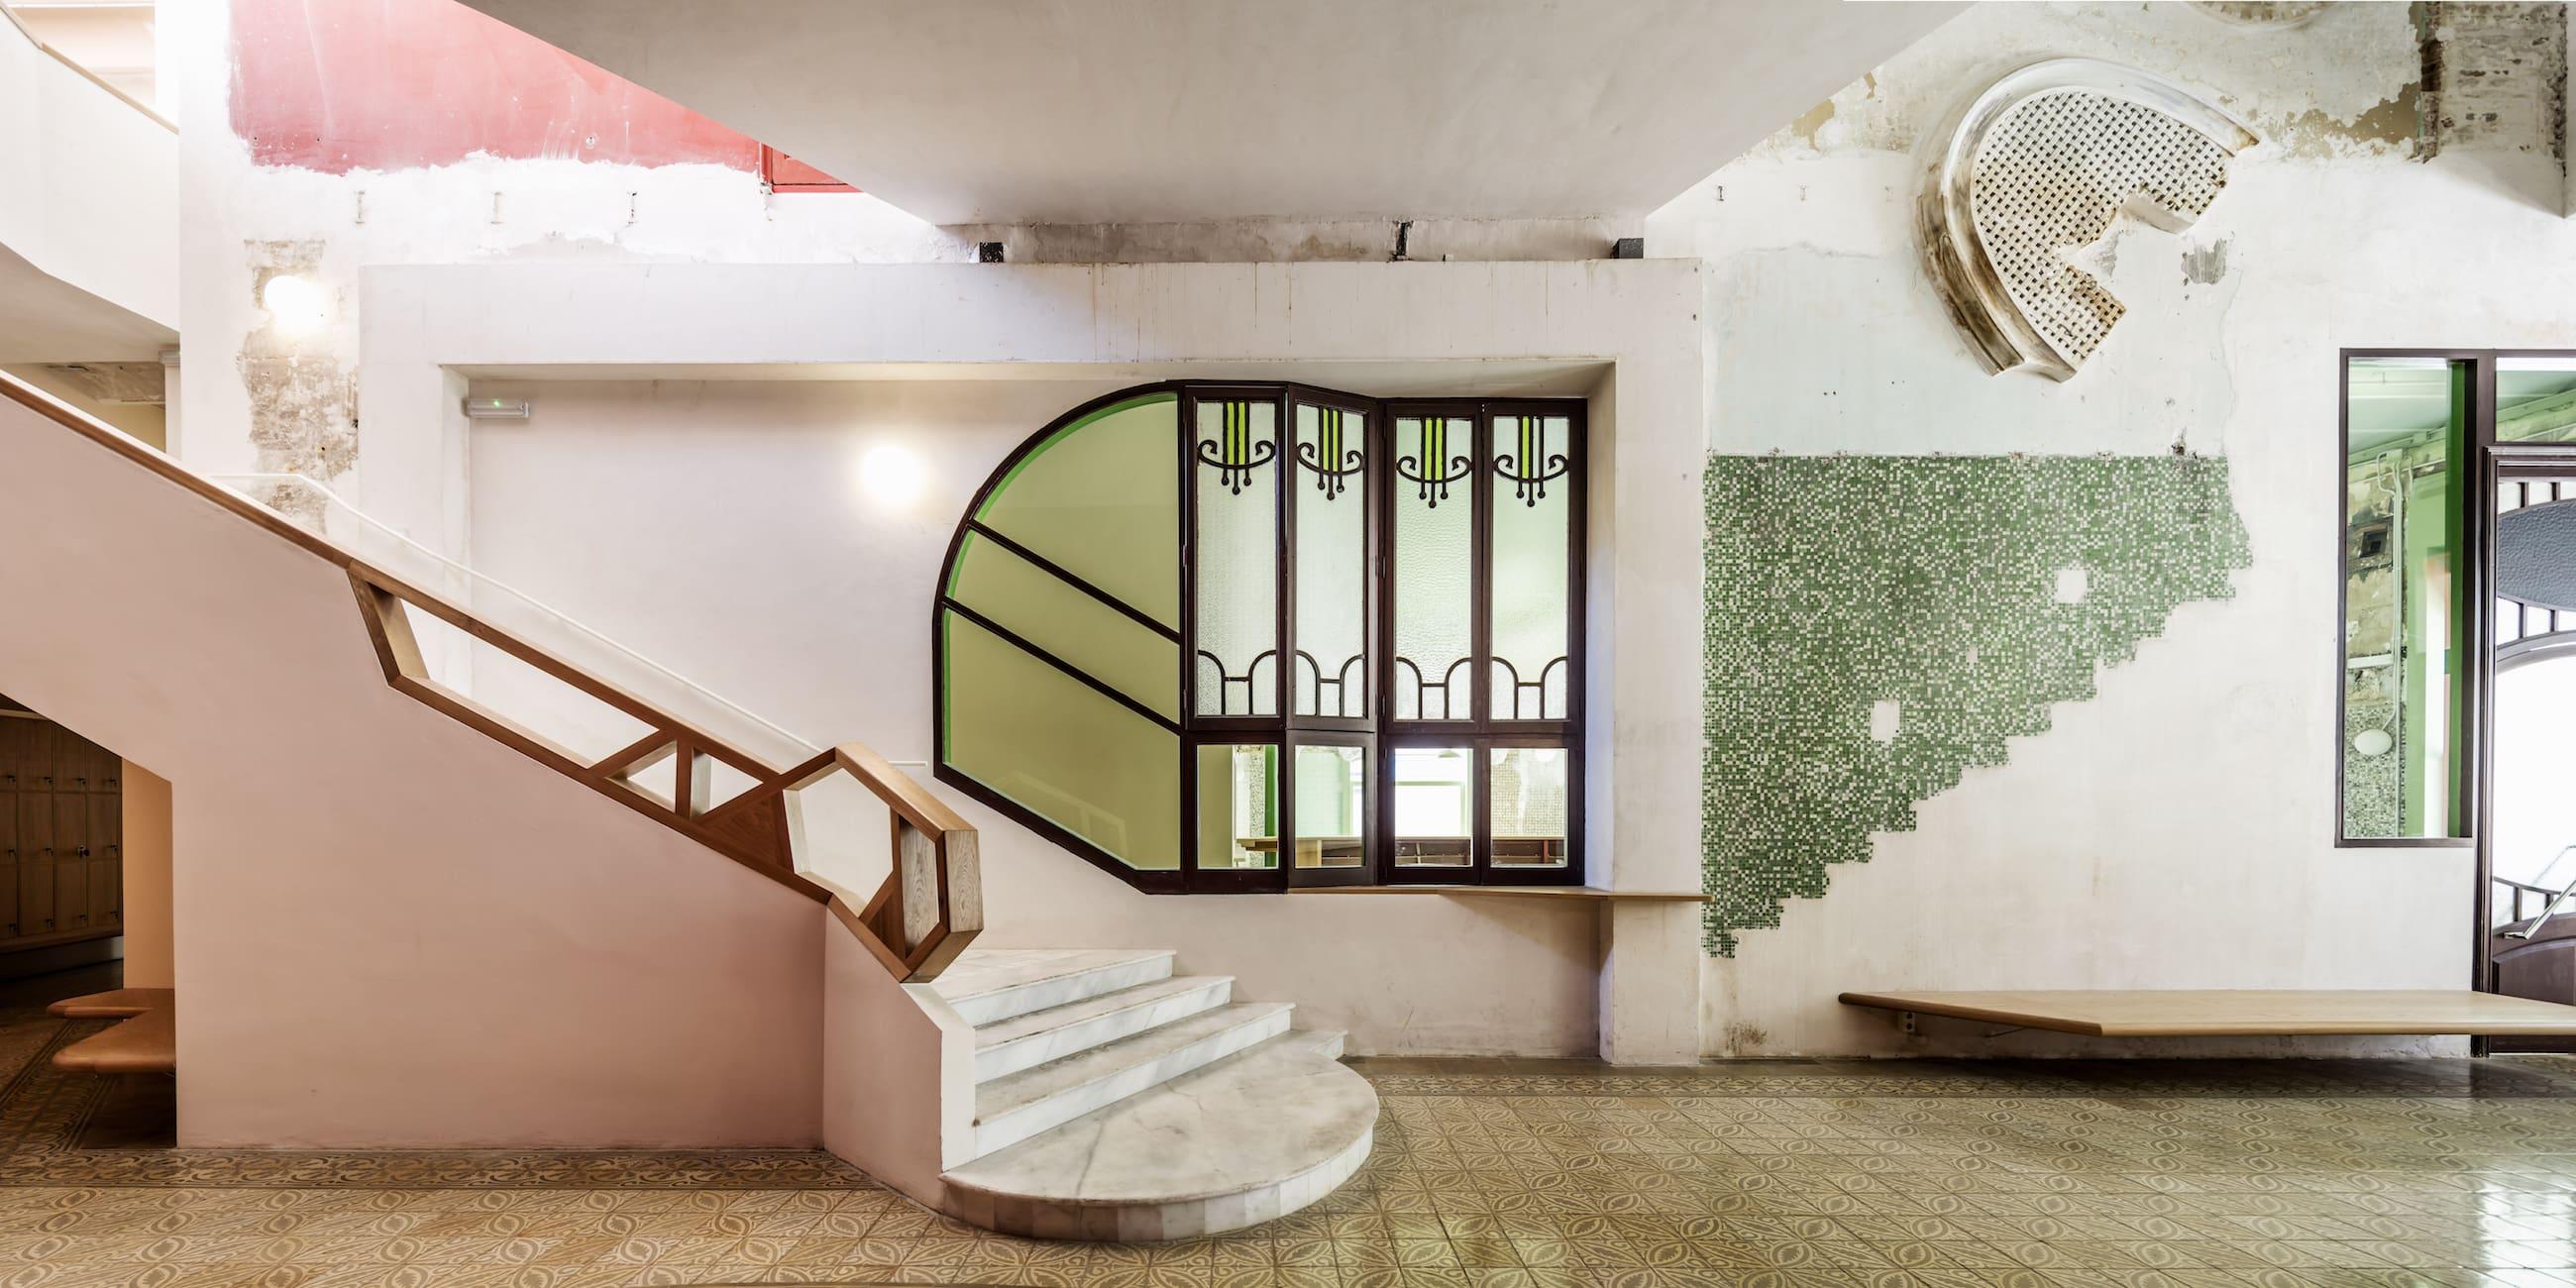 Studio La Sala Milano flores & prats, adrià goula · sala beckett · divisare